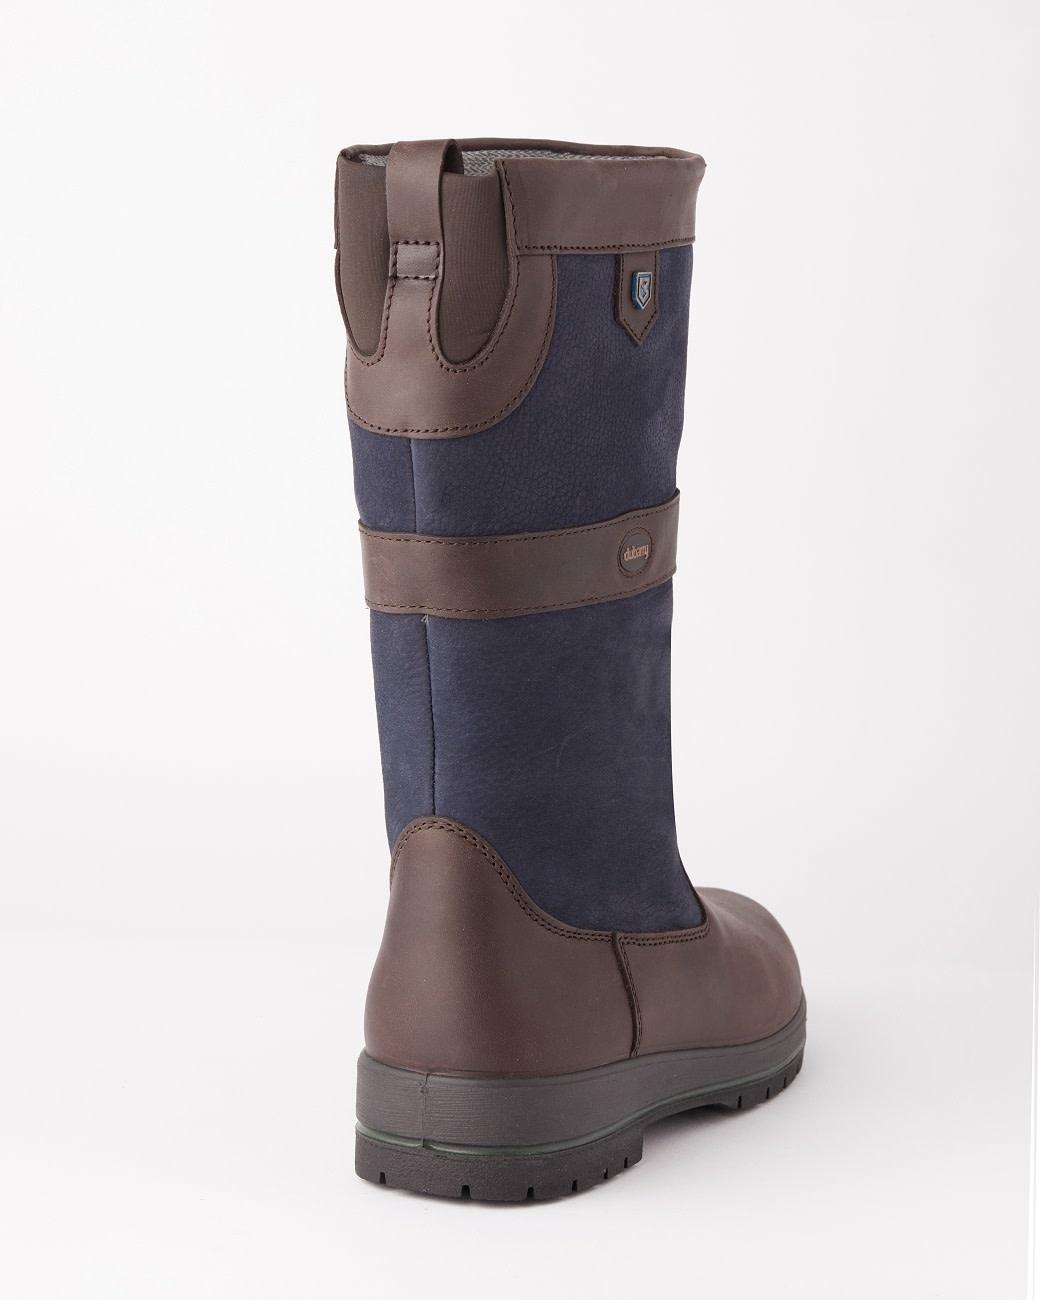 Dubarry Kildare outdoor laarzen - Navy/Brown-2